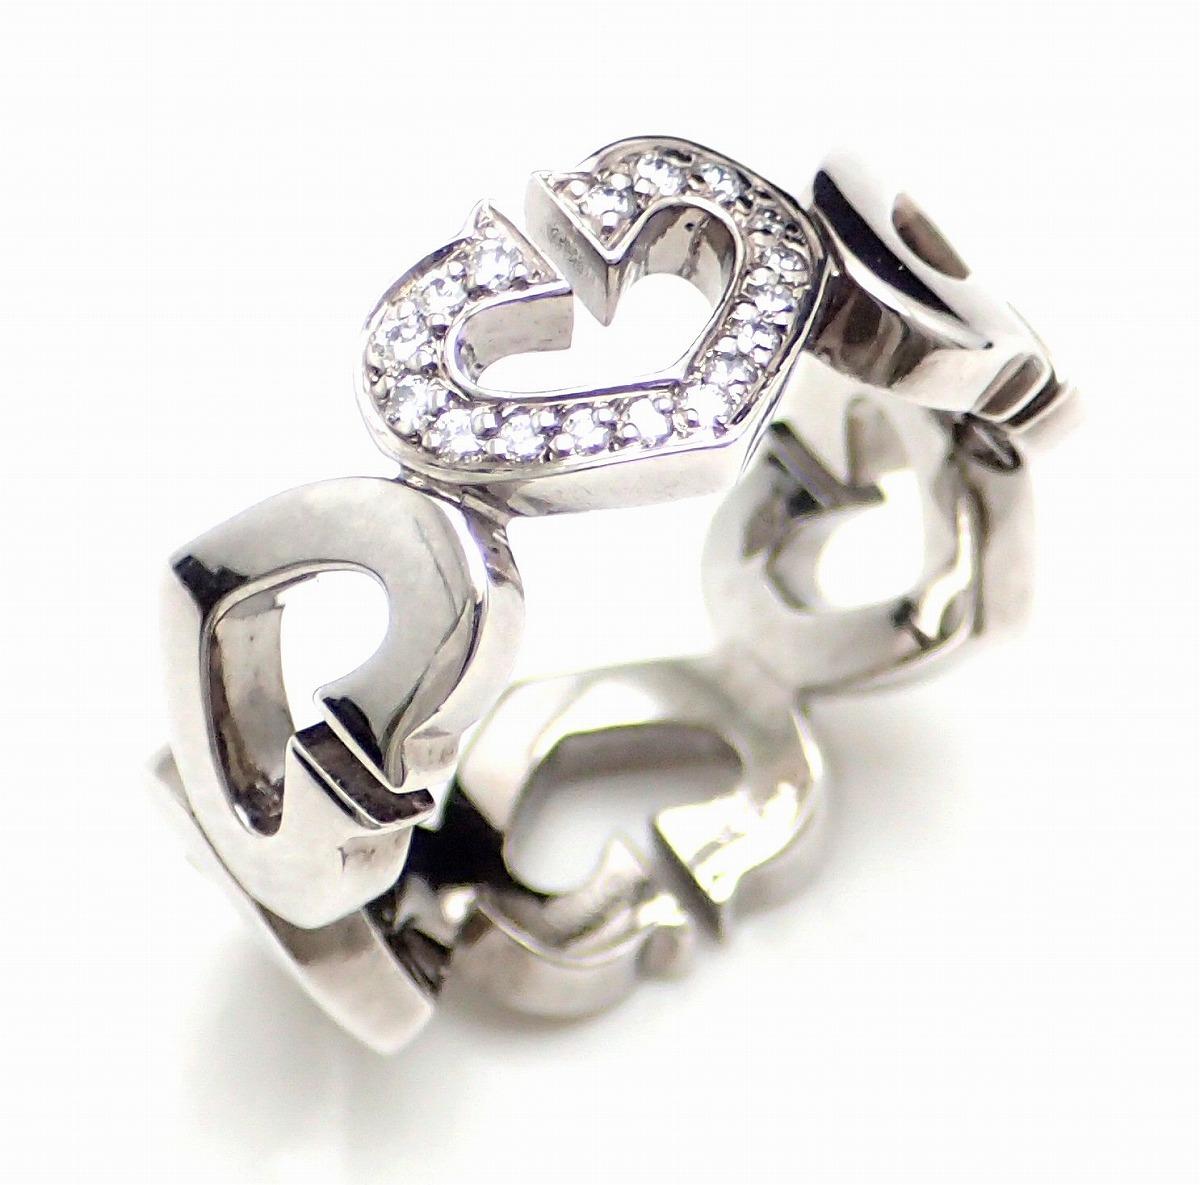 【ジュエリー】【新品仕上げ済】Cartier カルティエ Cハート 1モチーフ パヴェ ダイヤ リング 指輪 K18WG 750WG ホワイトゴールド 9号 #49 【中古】【k】